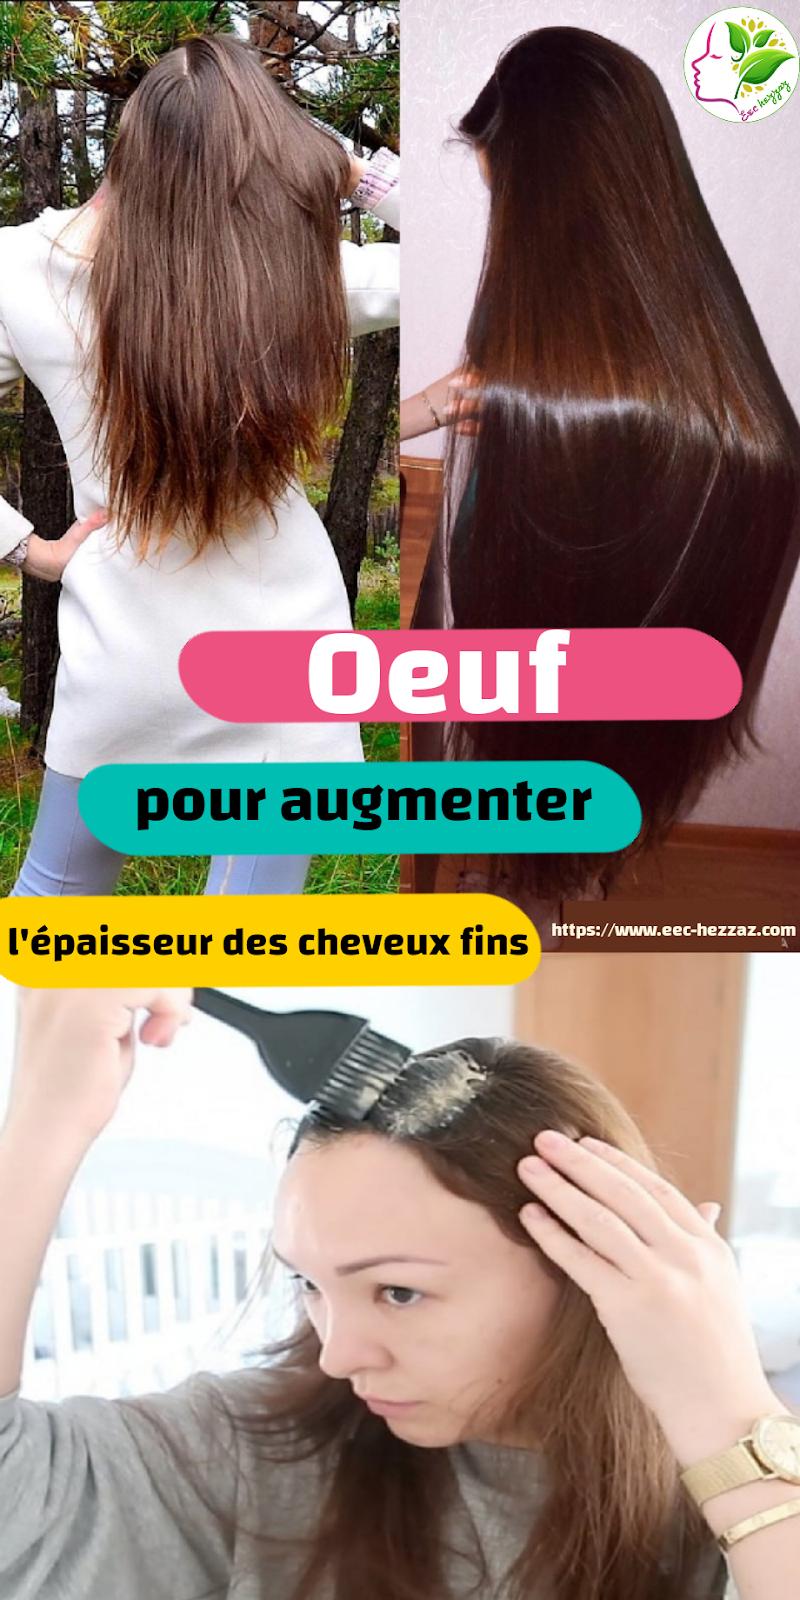 Oeuf pour augmenter l'épaisseur des cheveux fins